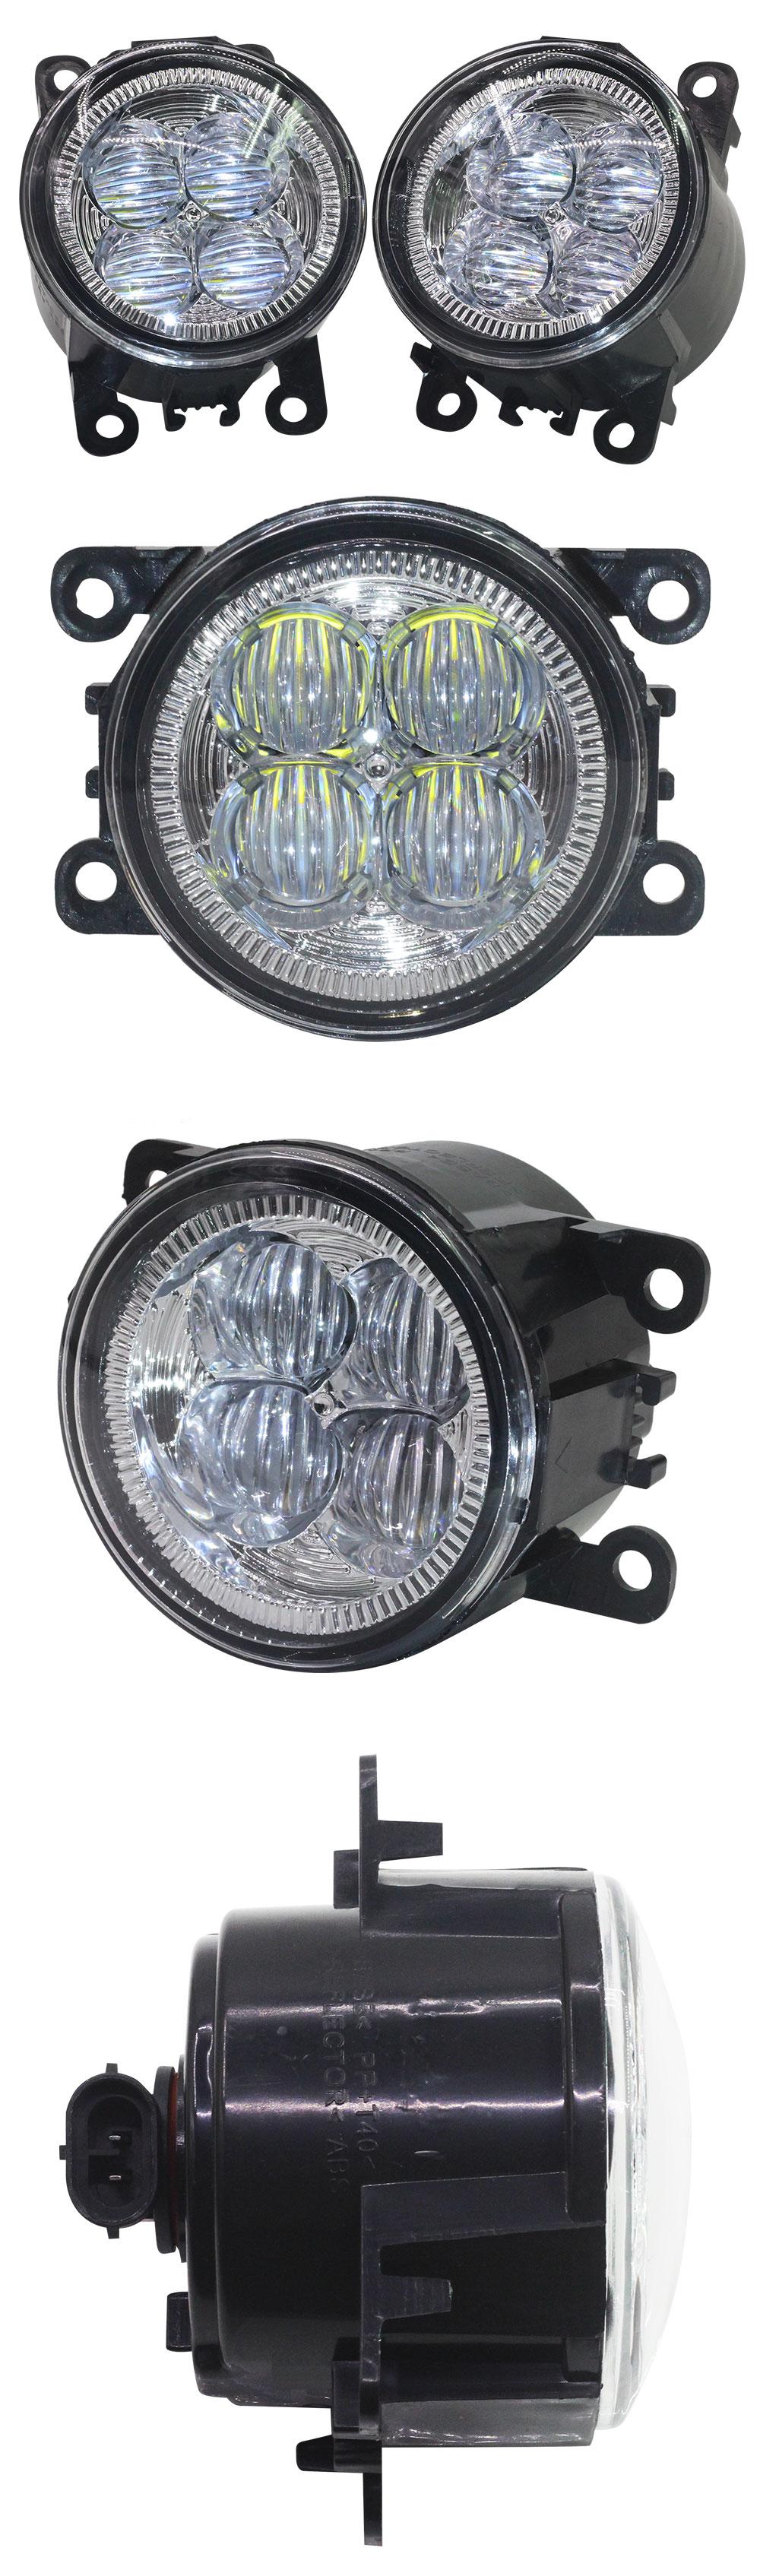 Land Rover Freelander Sidelight Led White Side light 1 2 1998-2014 Bulbs Fits